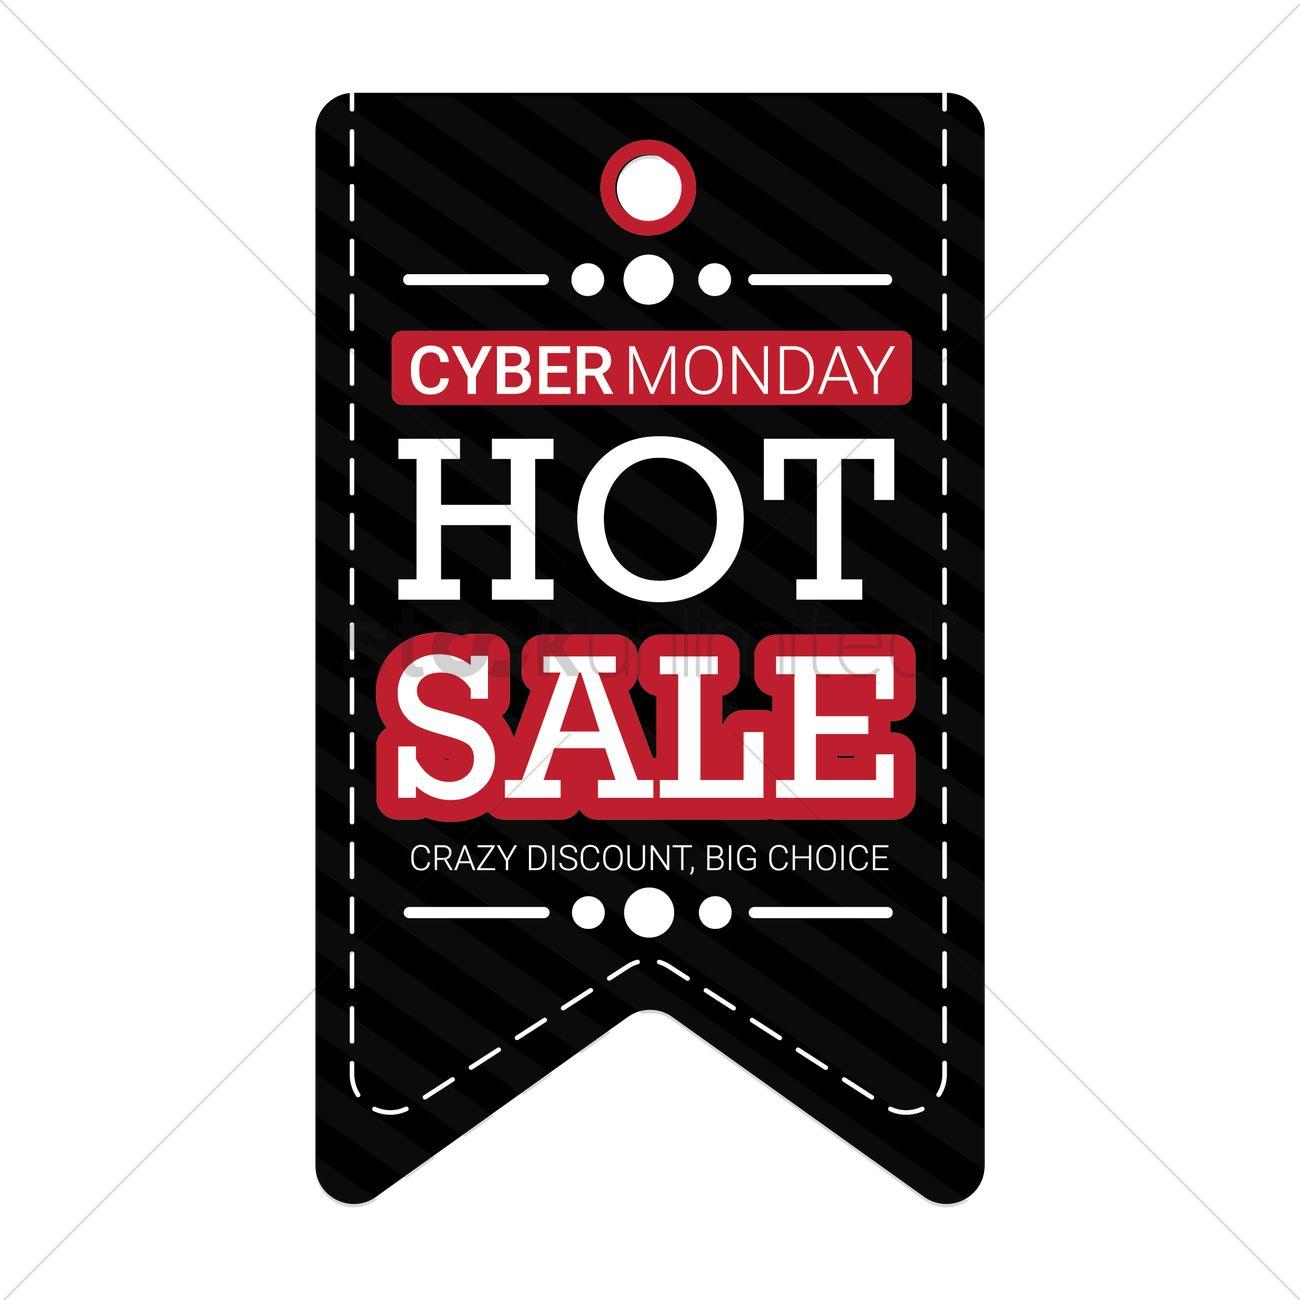 14ea42e64c7 Cyber monday sale tag Vector Image - 1707270 | StockUnlimited